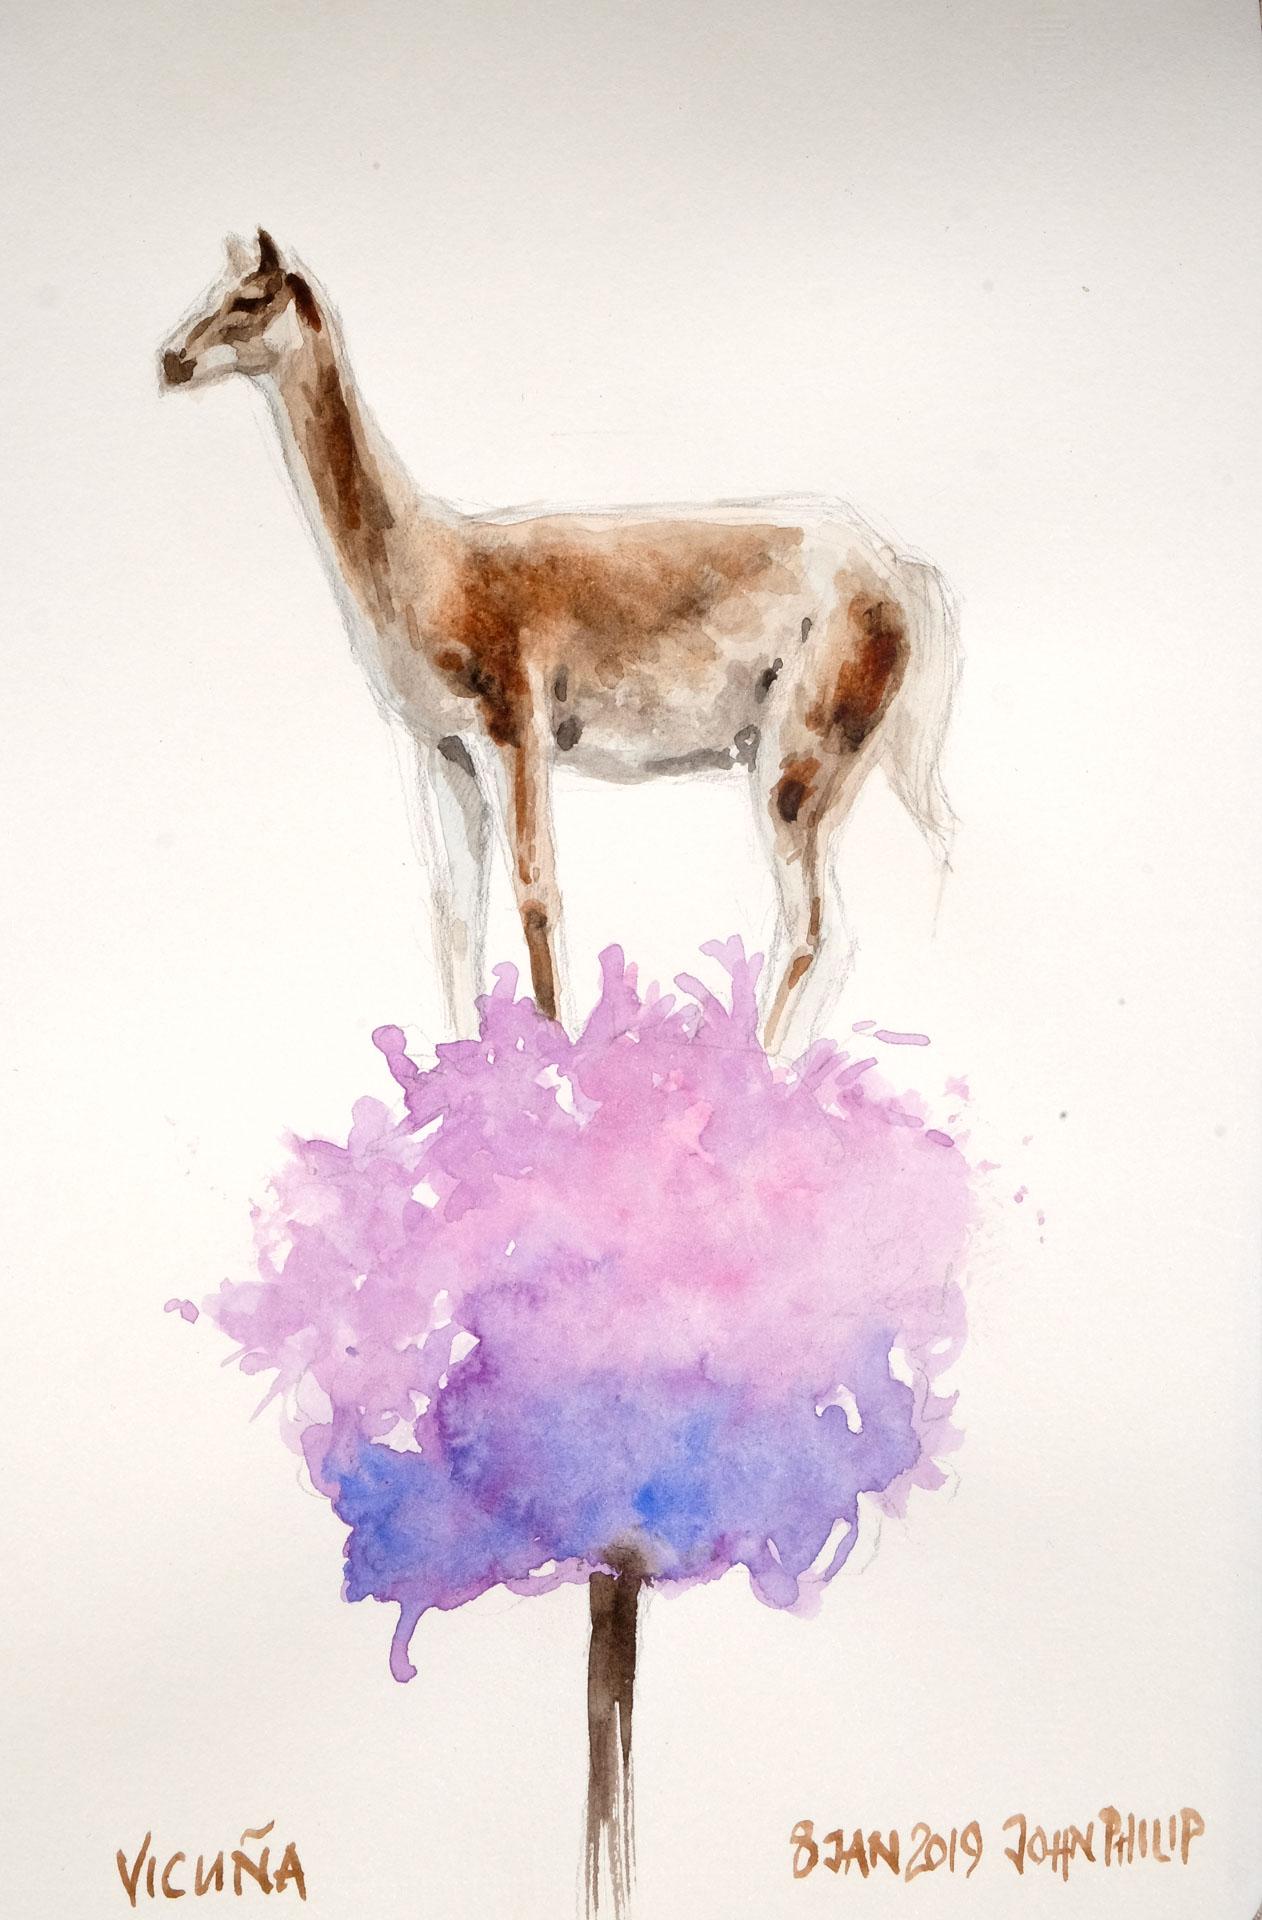 Vicuna ( Similar to Llama and Alpaca )